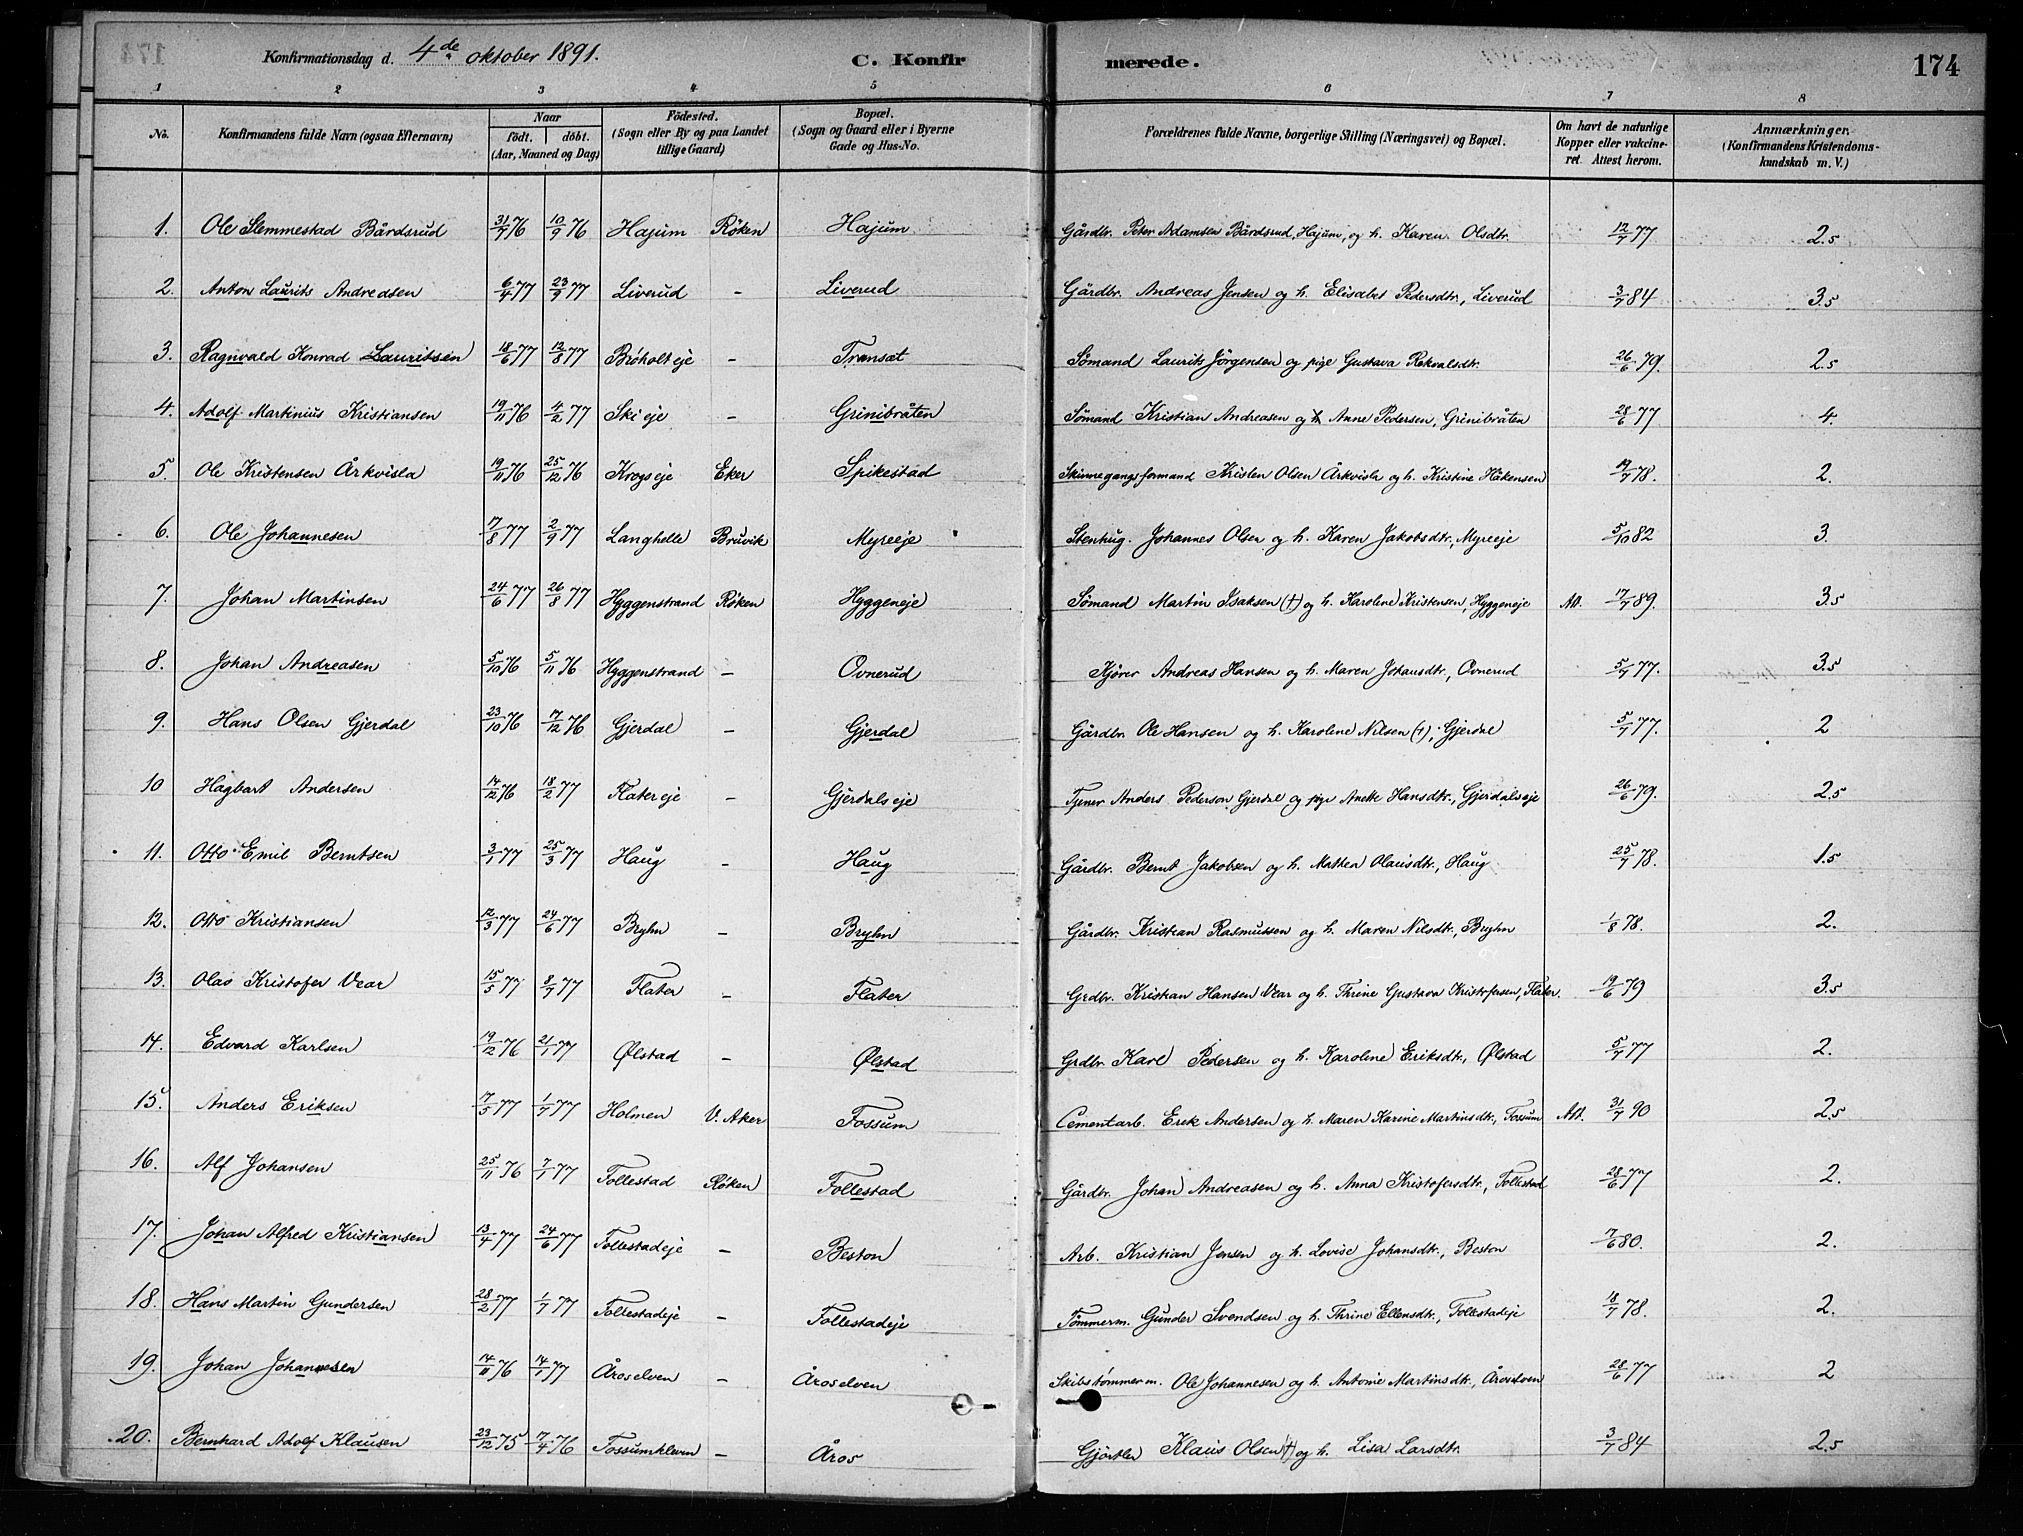 SAKO, Røyken kirkebøker, F/Fa/L0008: Ministerialbok nr. 8, 1880-1897, s. 174